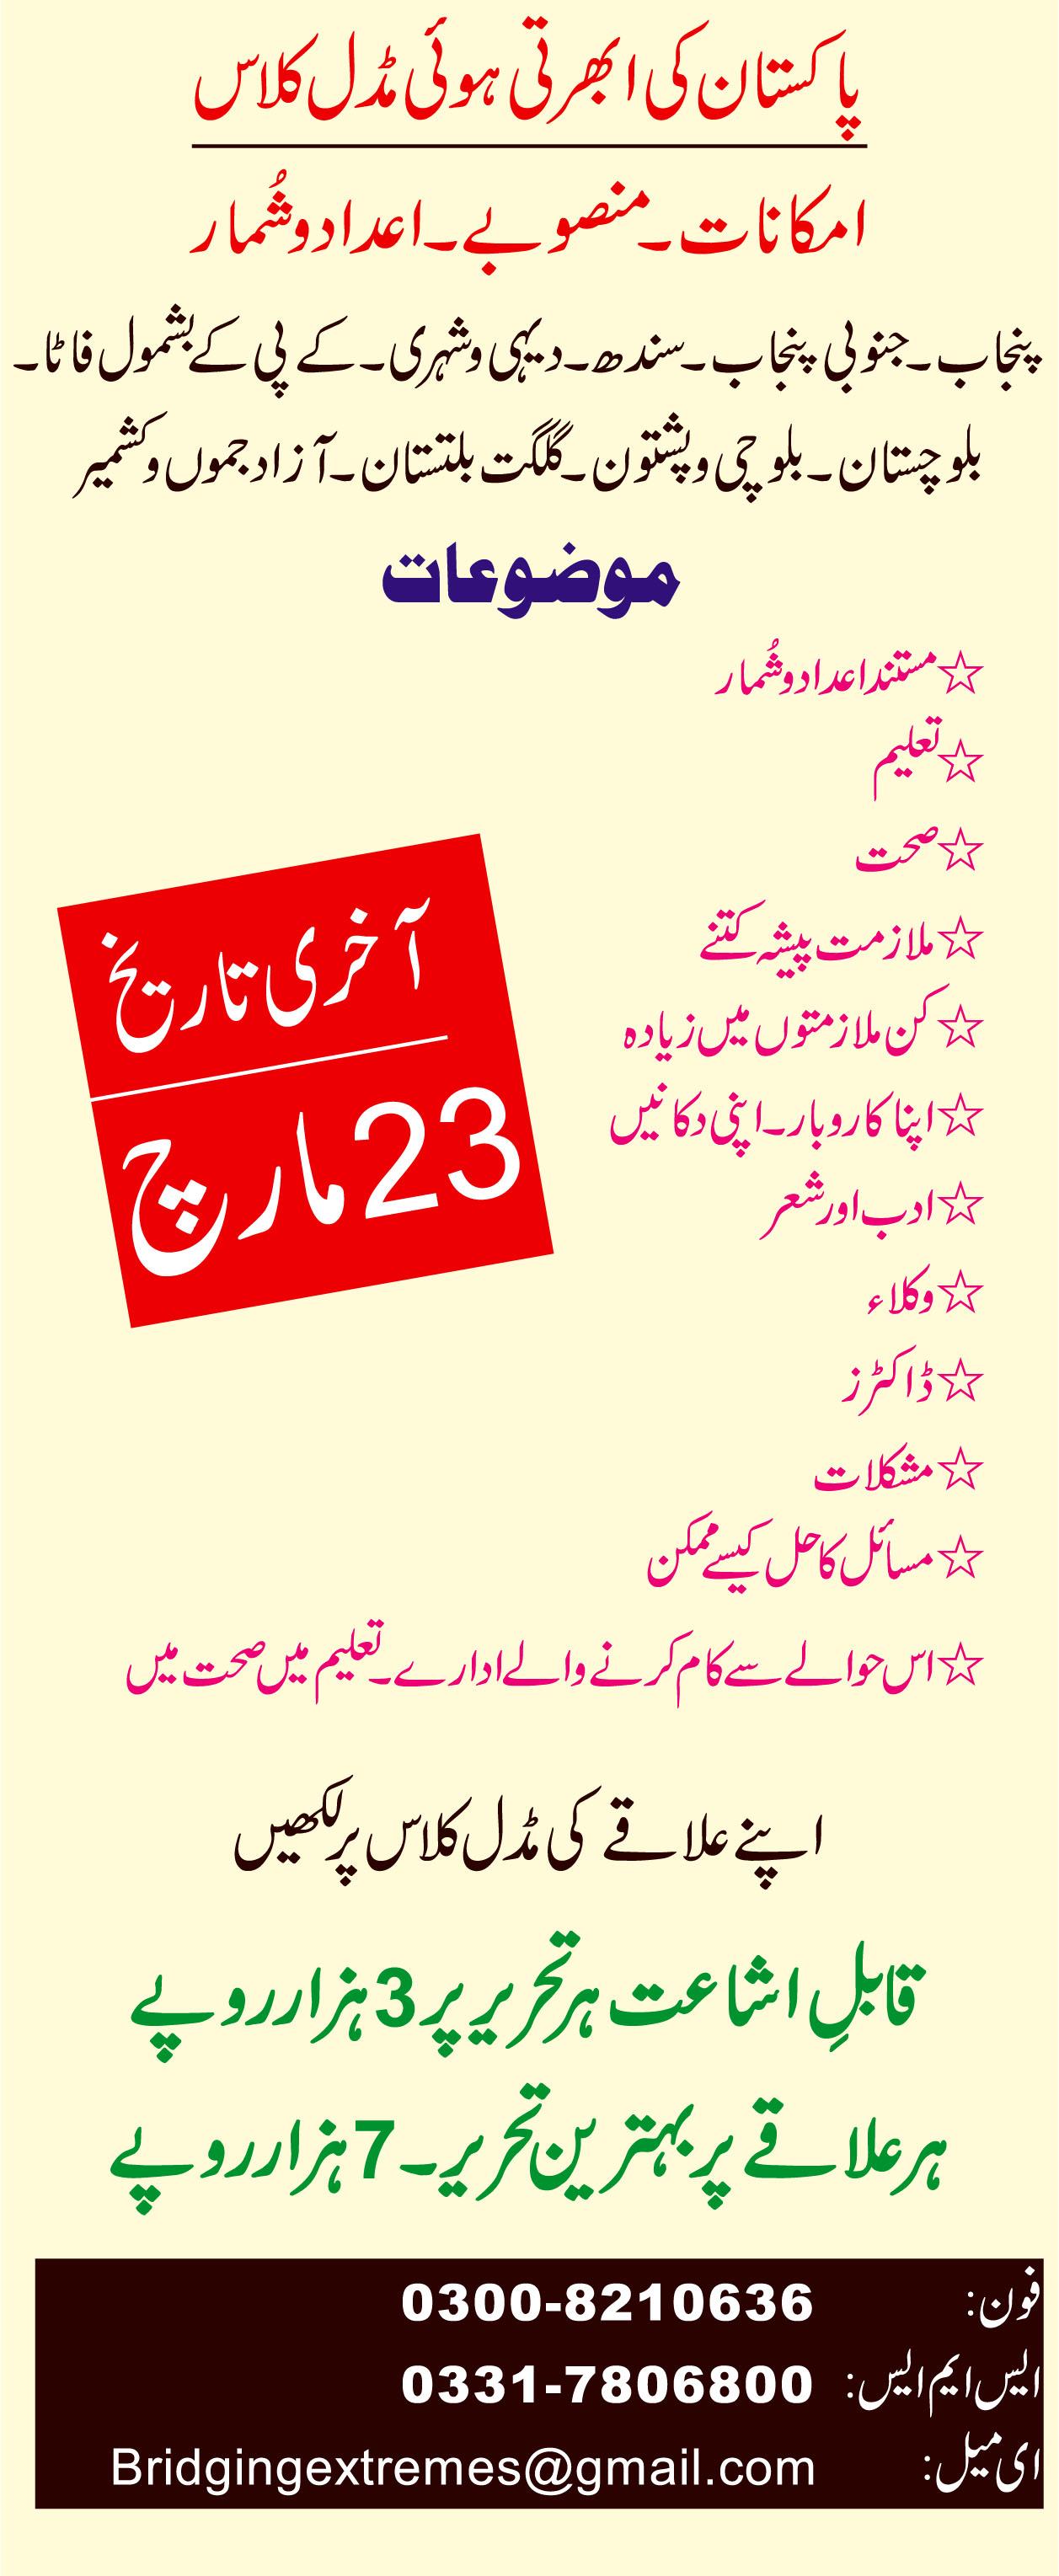 pakistan ki Ubharti hui middle class